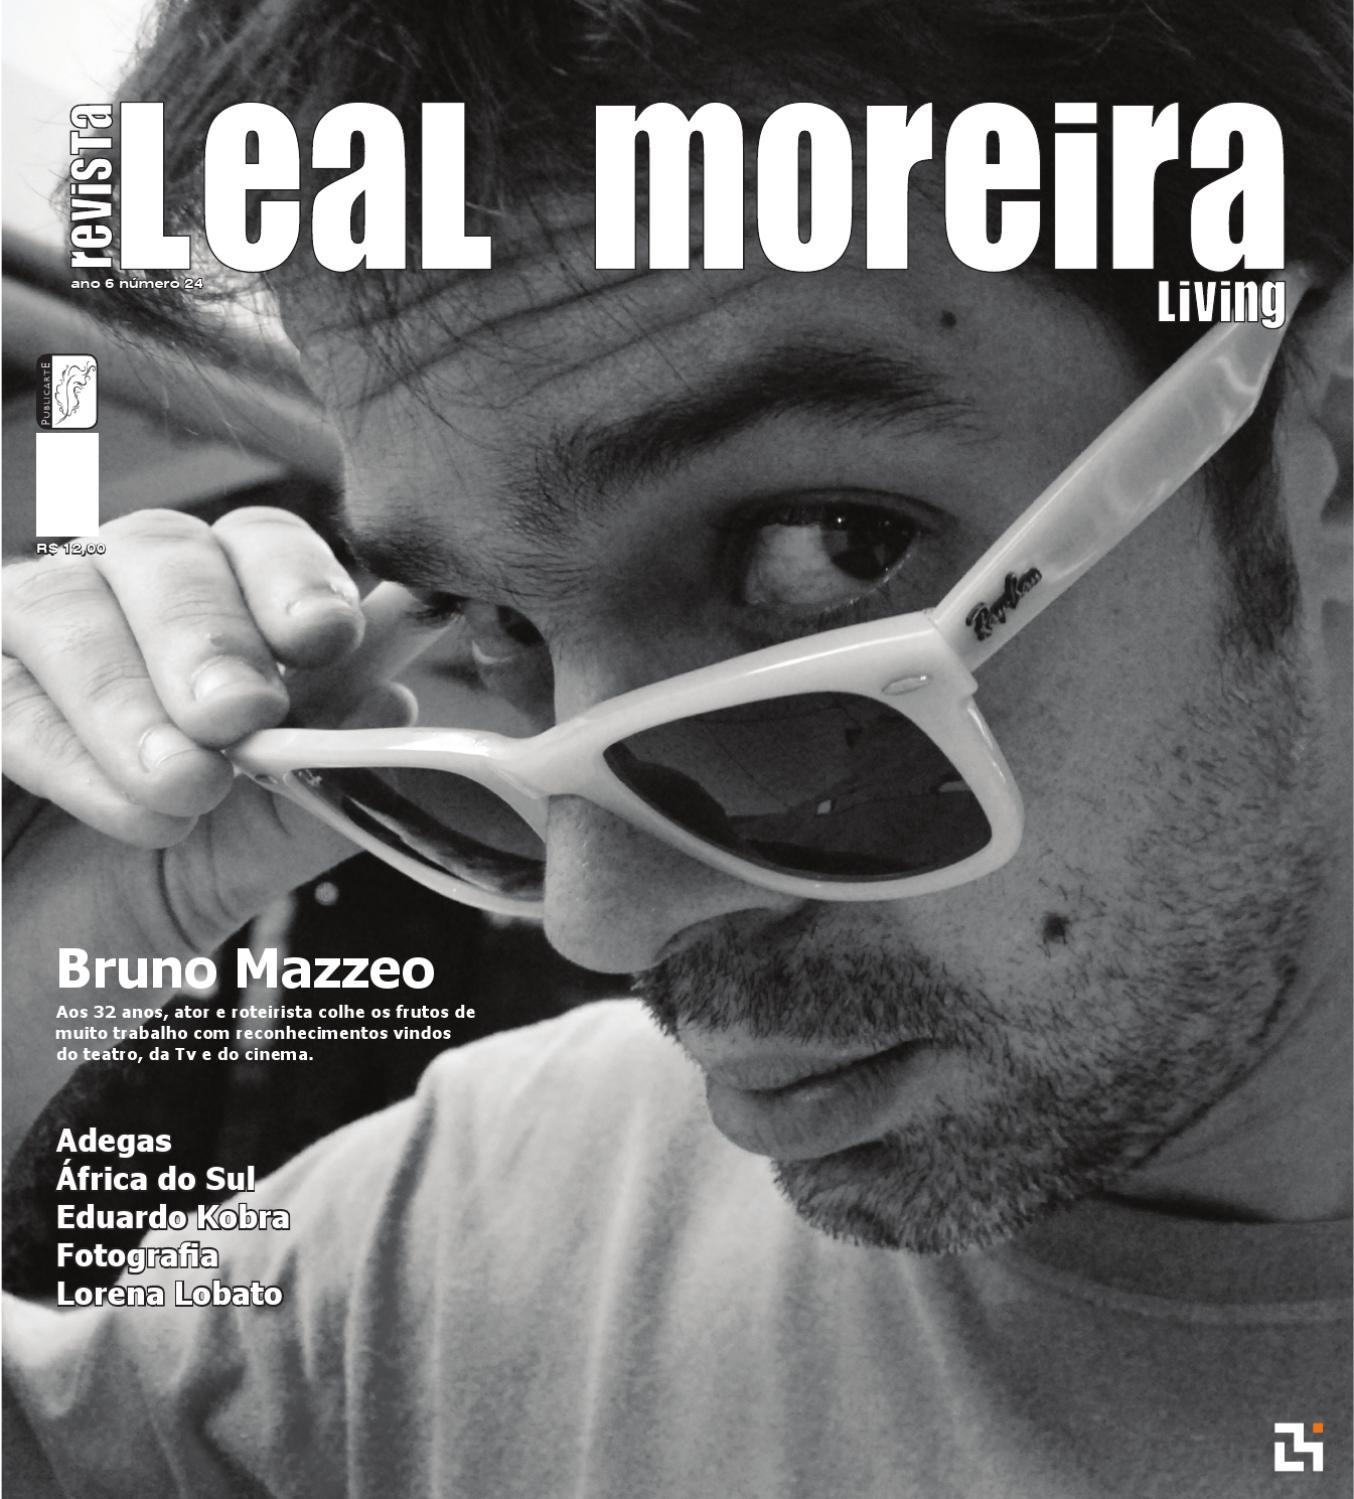 Revista Leal Moreira Living 24 by André de Loreto Melo - issuu 8857990076